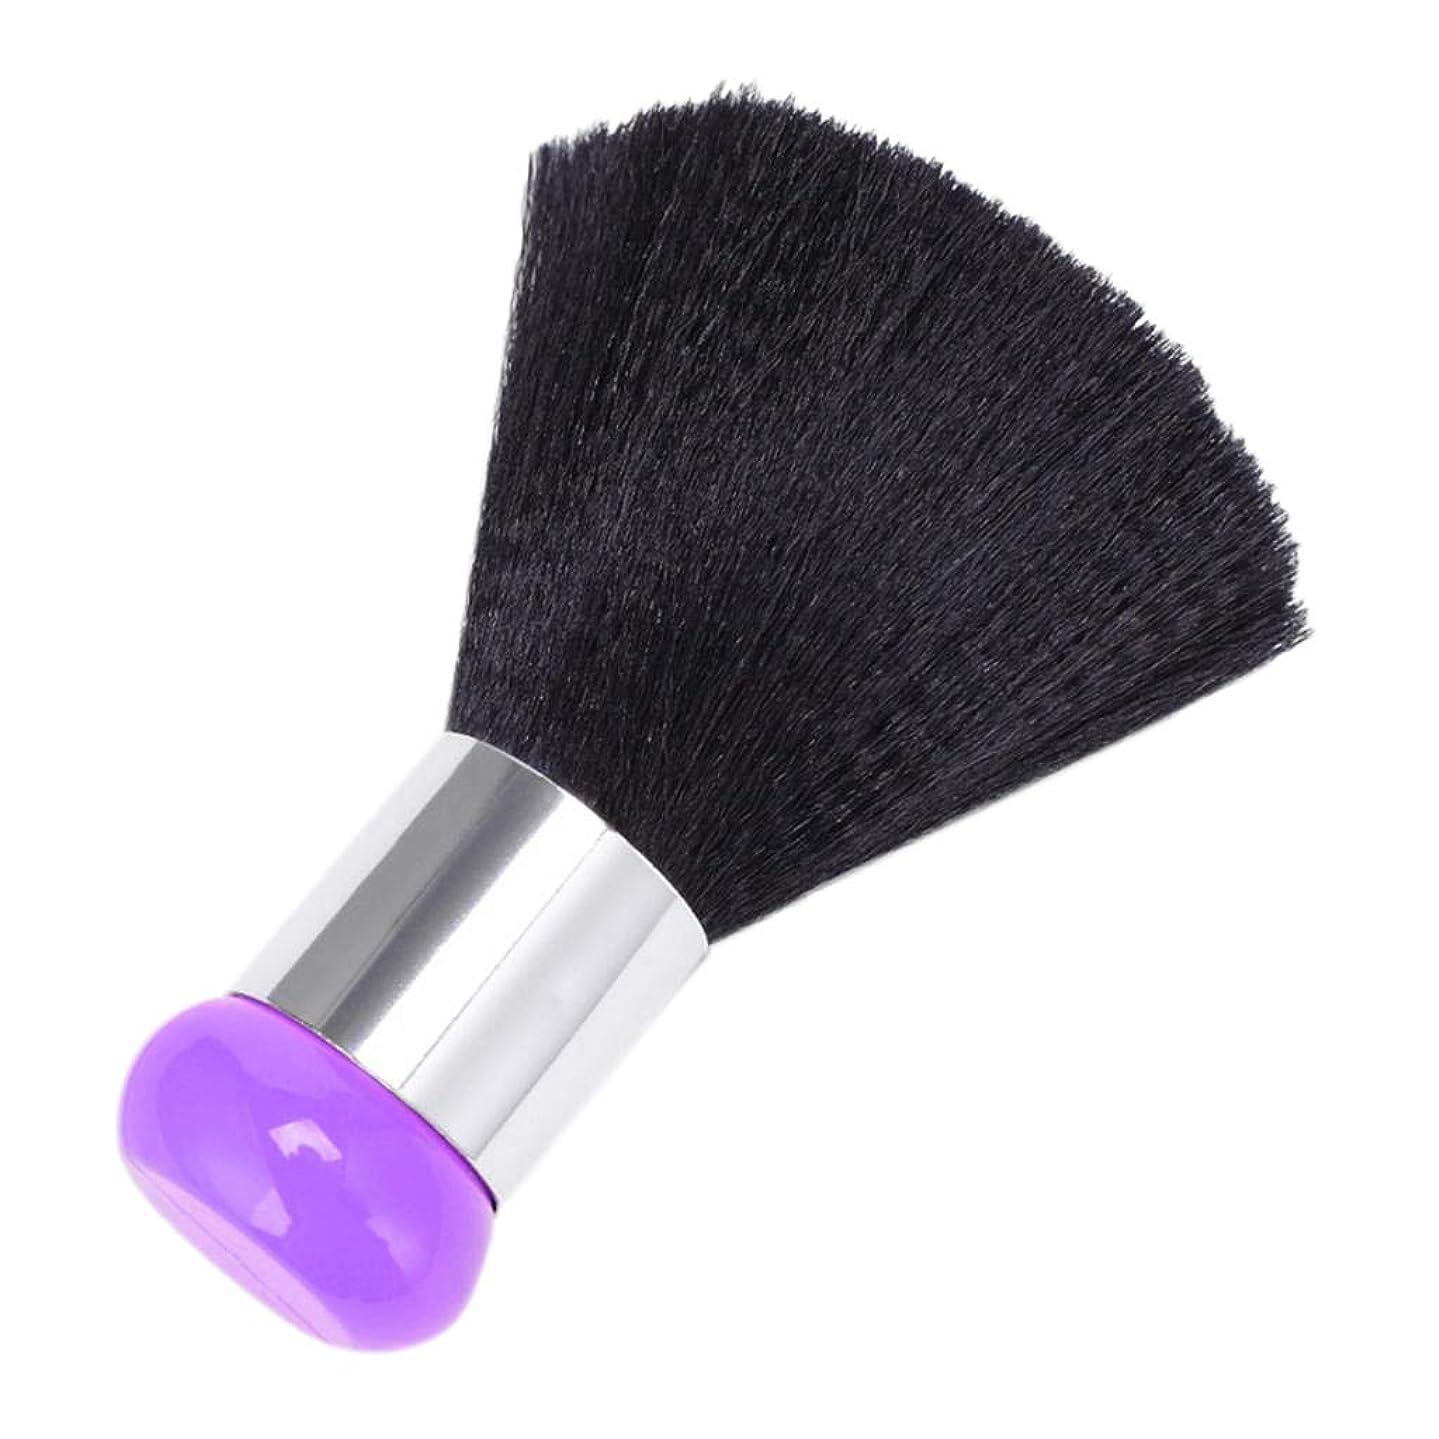 伝統防止バンジージャンプB Baosity ヘアカット ネックダスタークリーナー ヘアブラシ サロンツール 2色選べ - 紫